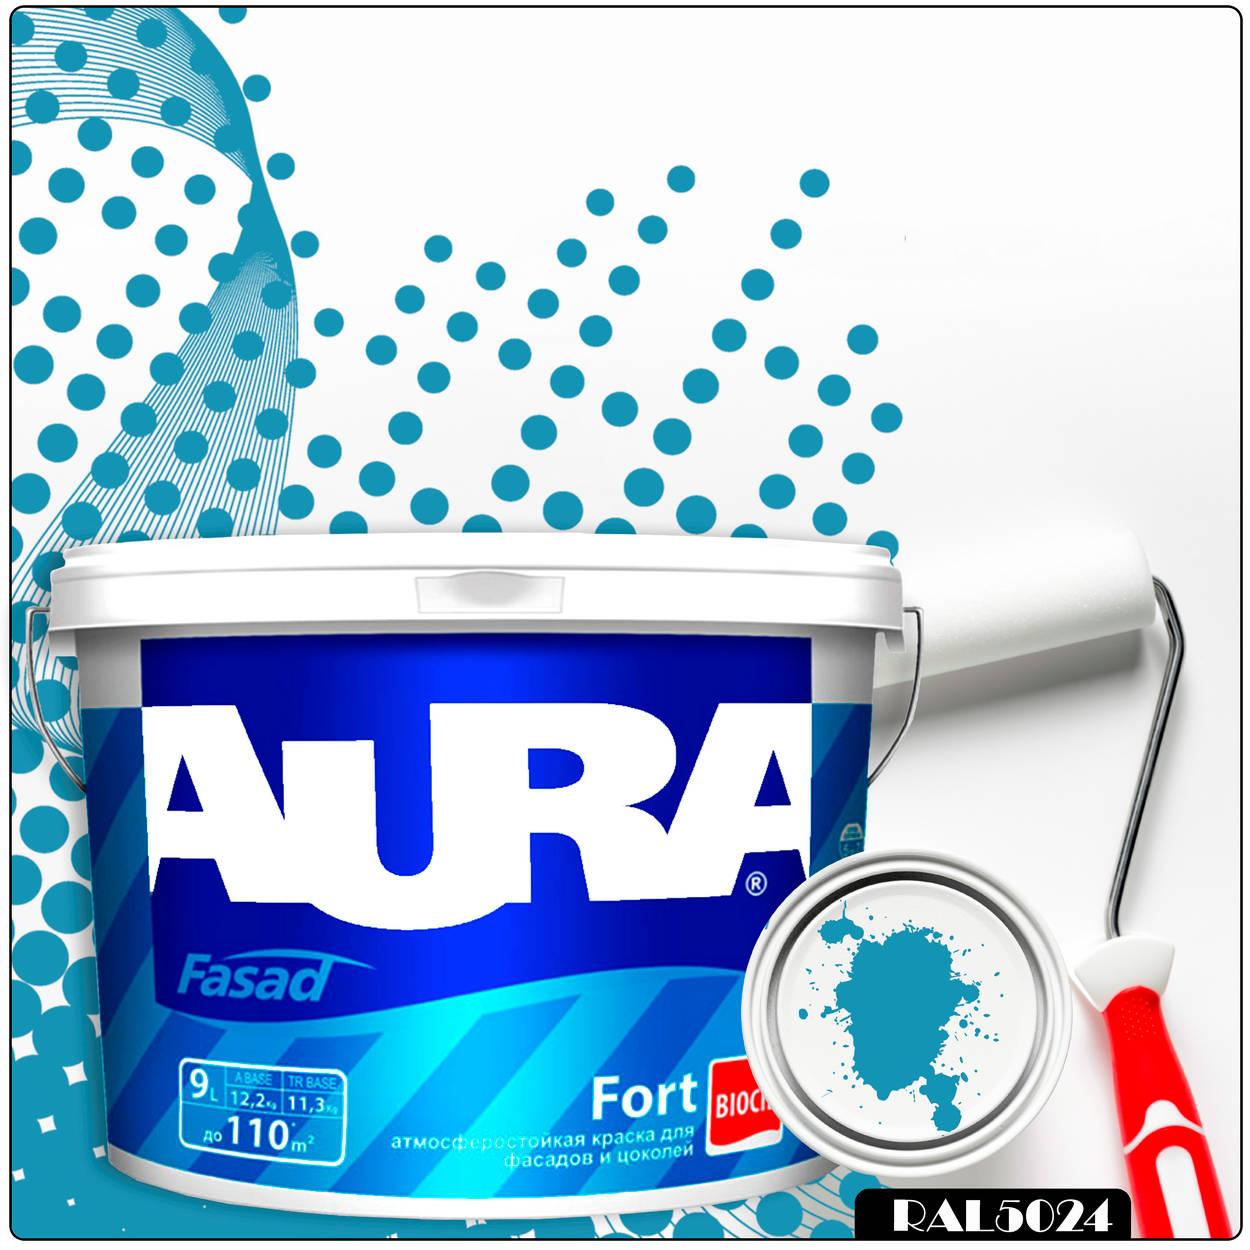 Фото 23 - Краска Aura Fasad Fort, RAL 5024 Пастельно-синий, латексная, матовая, для фасада и цоколей, 9л, Аура.